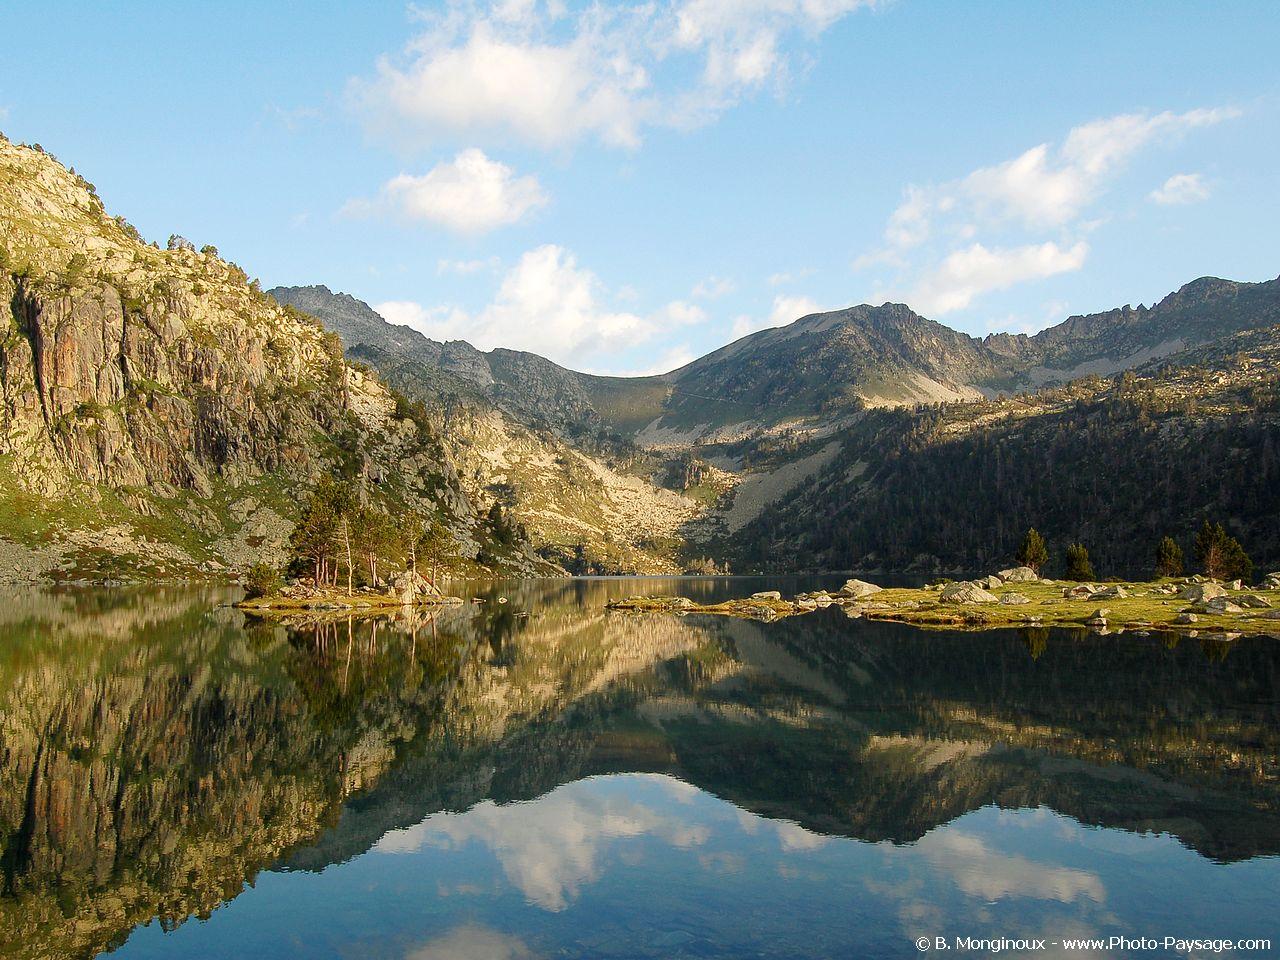 Francuska część Pirenejów by B.Monginoux  Landscape-Photo.net